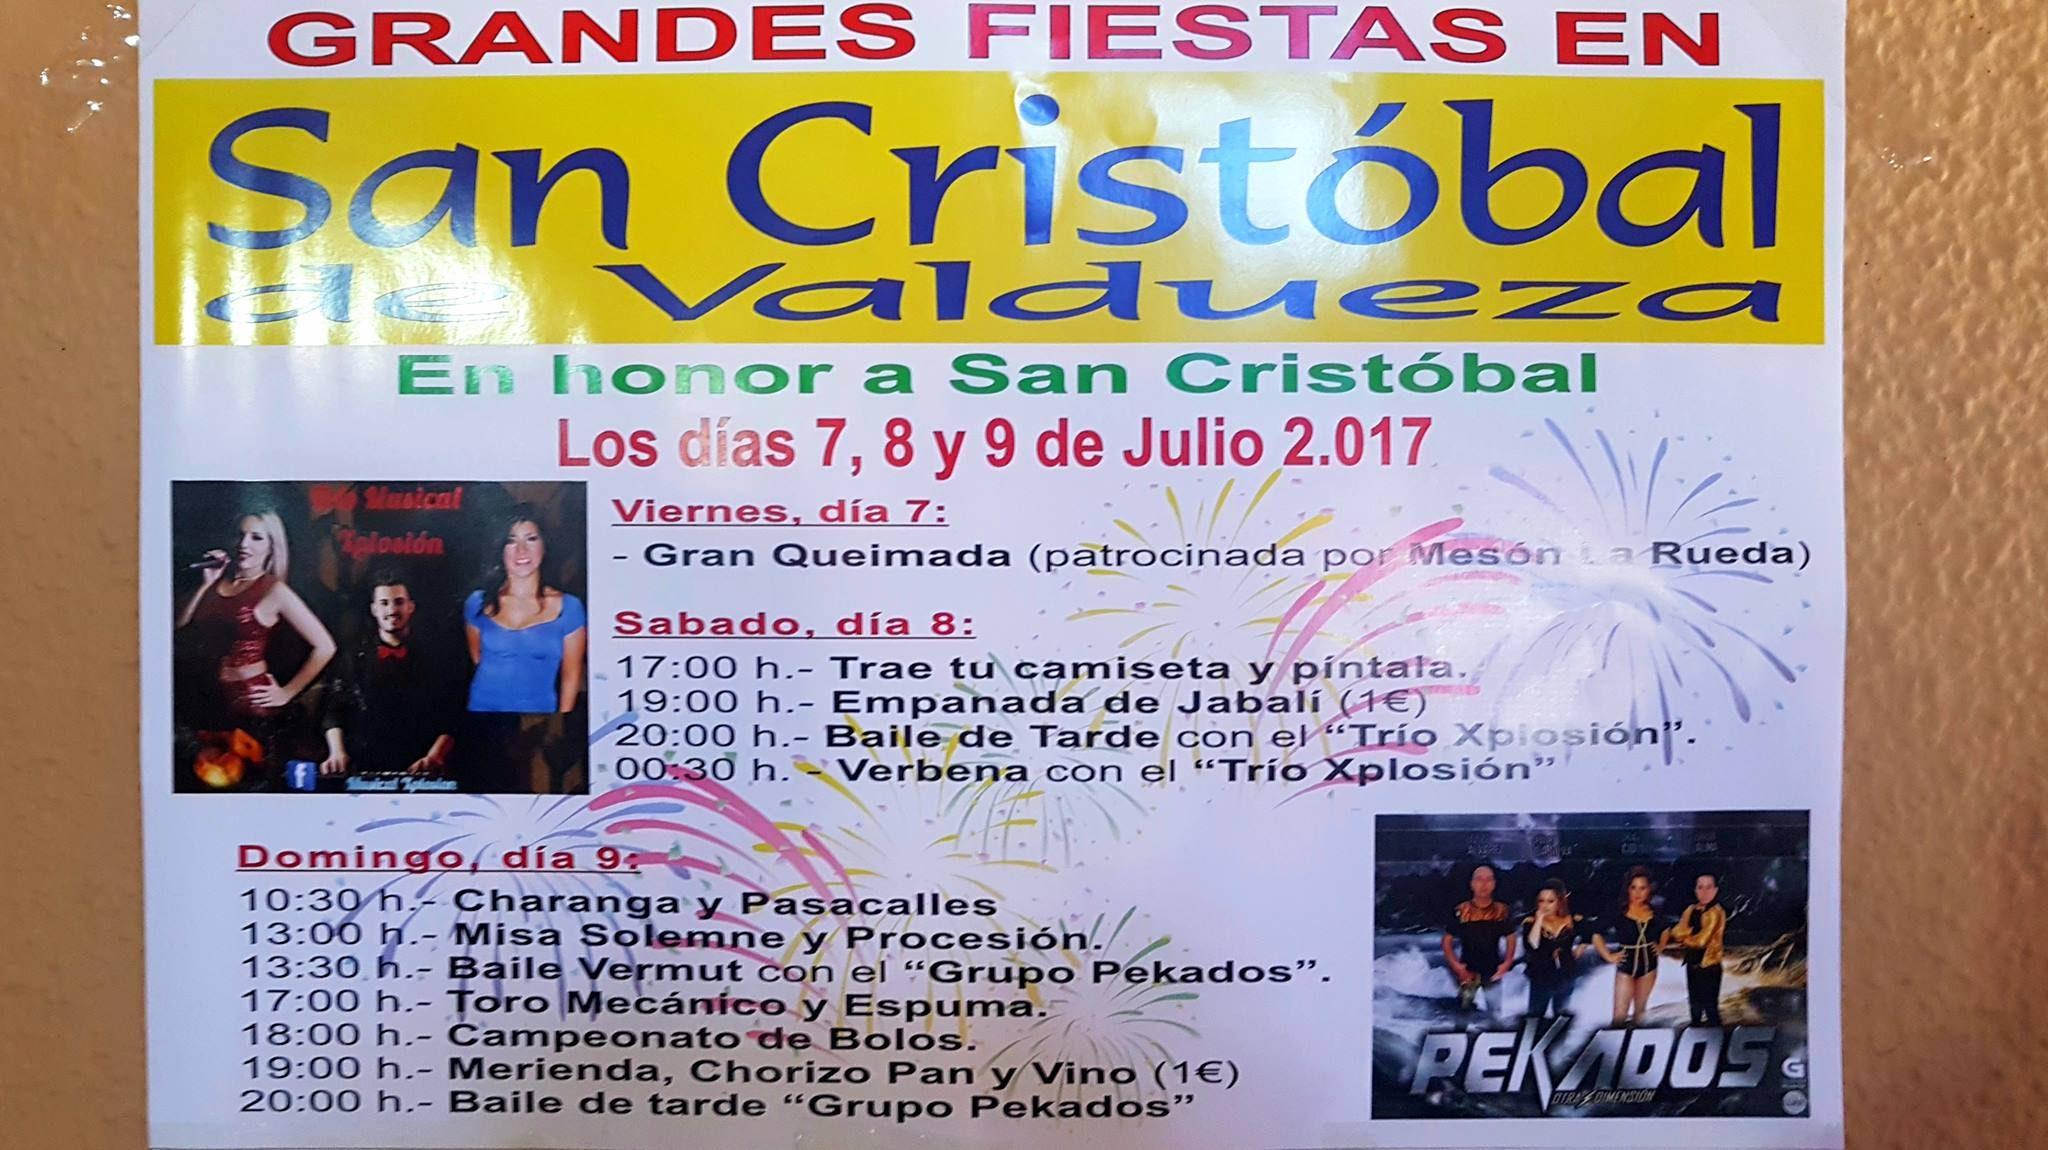 Grandes Fiestas en San Cristobal de Valdueza 2017 2